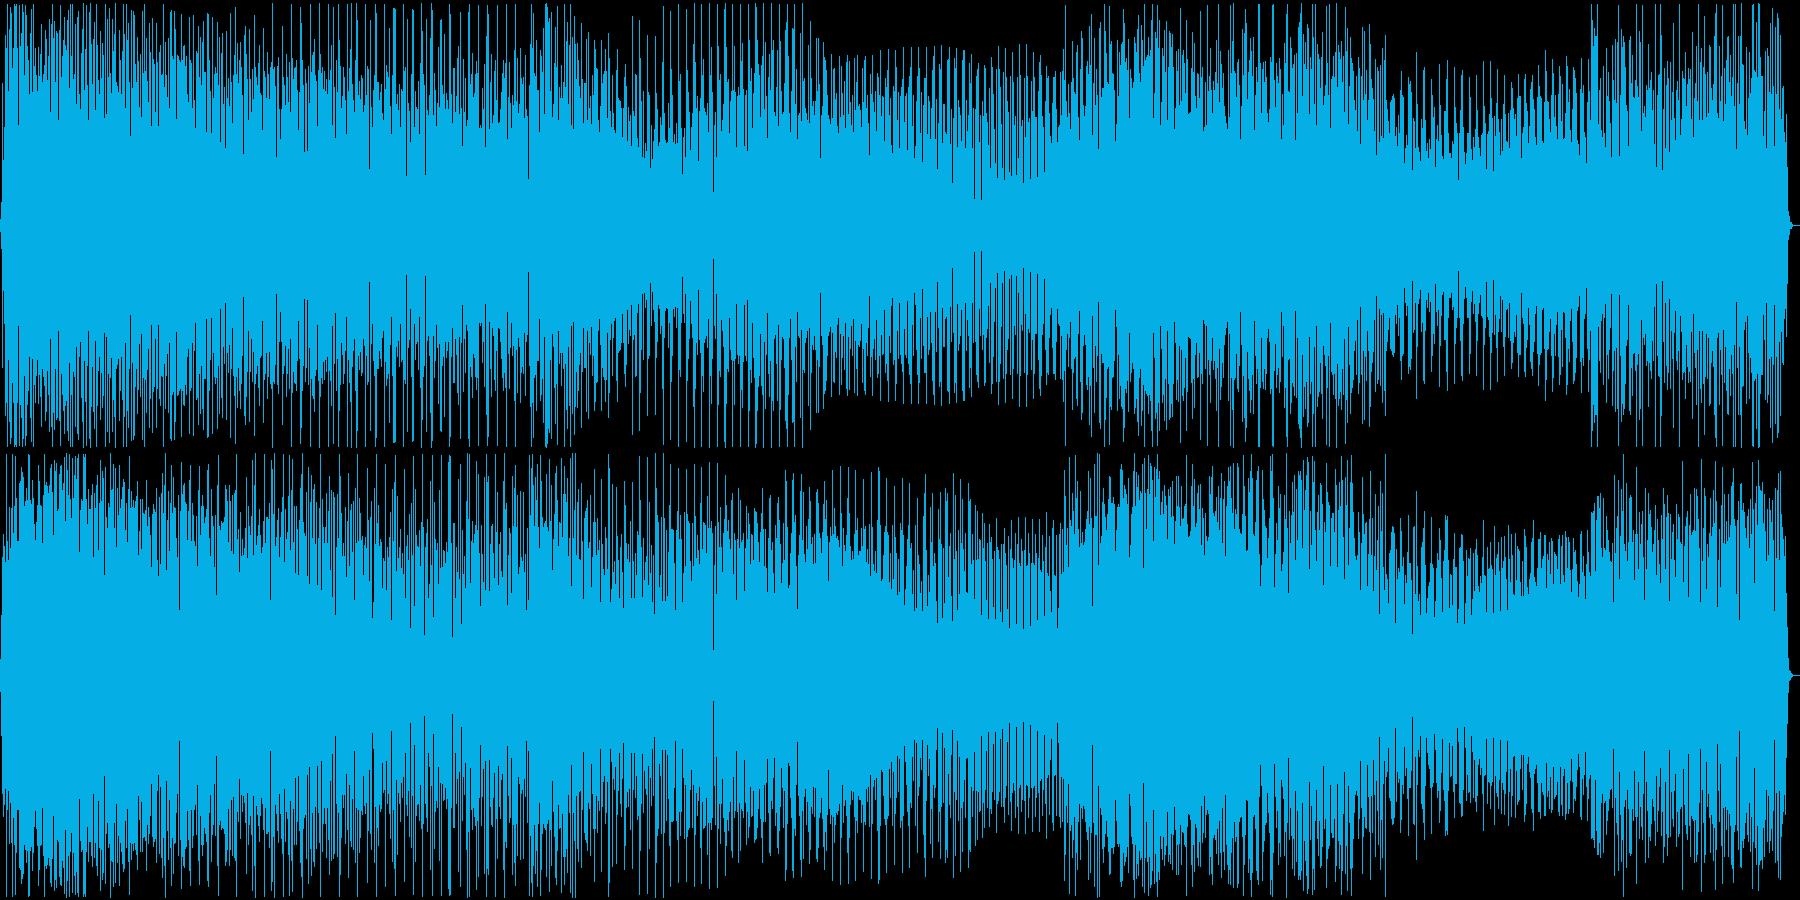 エレキギター サウンドロゴ・ジングル#1の再生済みの波形